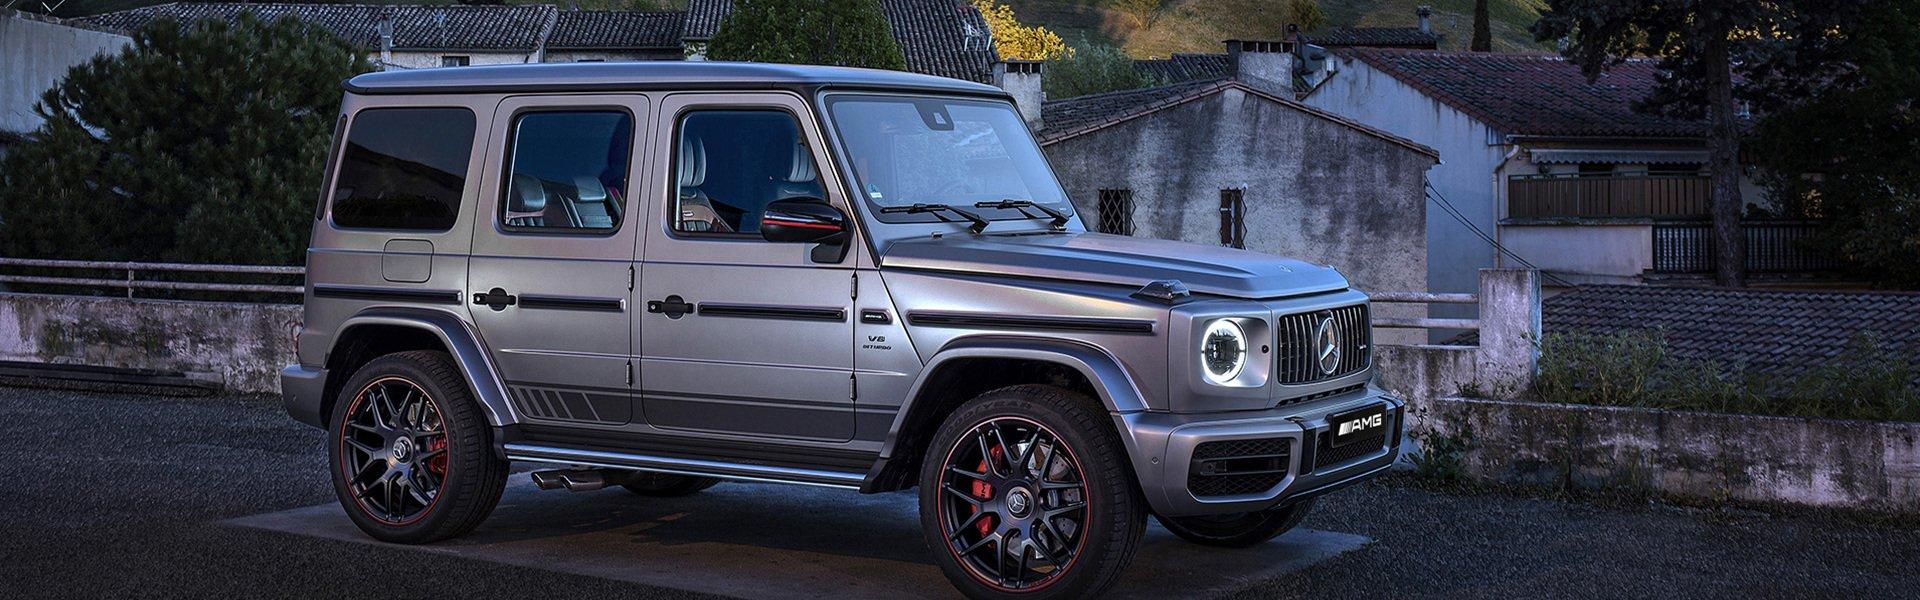 Mercedes-AMG G-Класс внедорожник